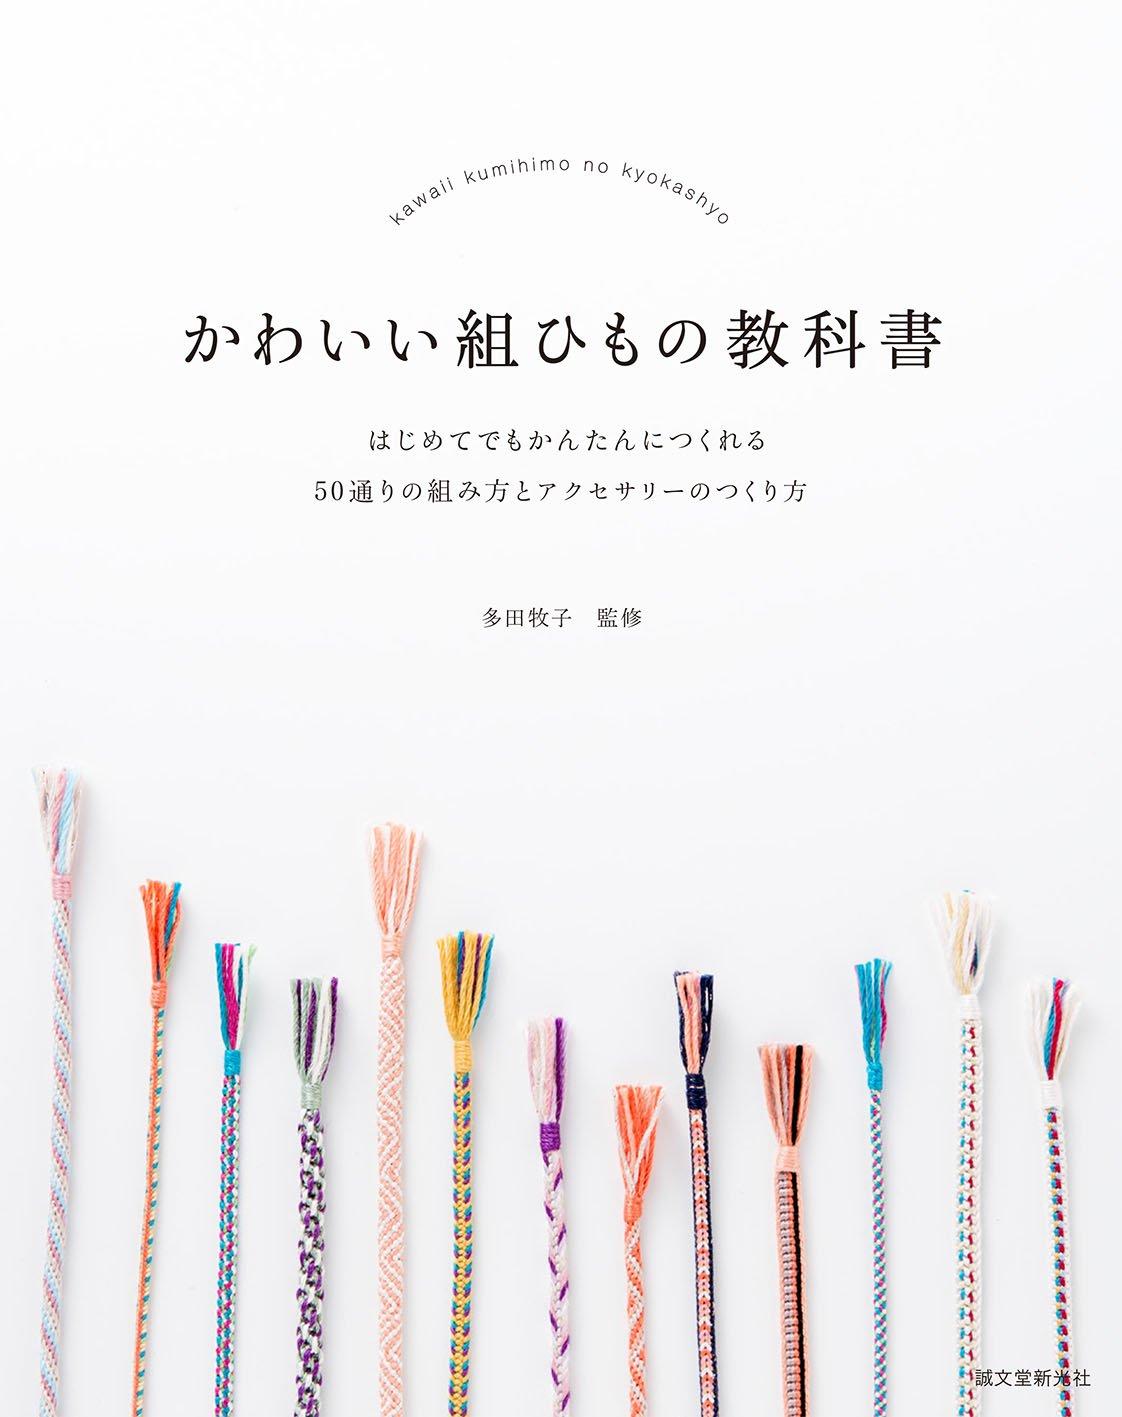 出典 www.amazon.co.jp. sponsored. かわいい組ひも